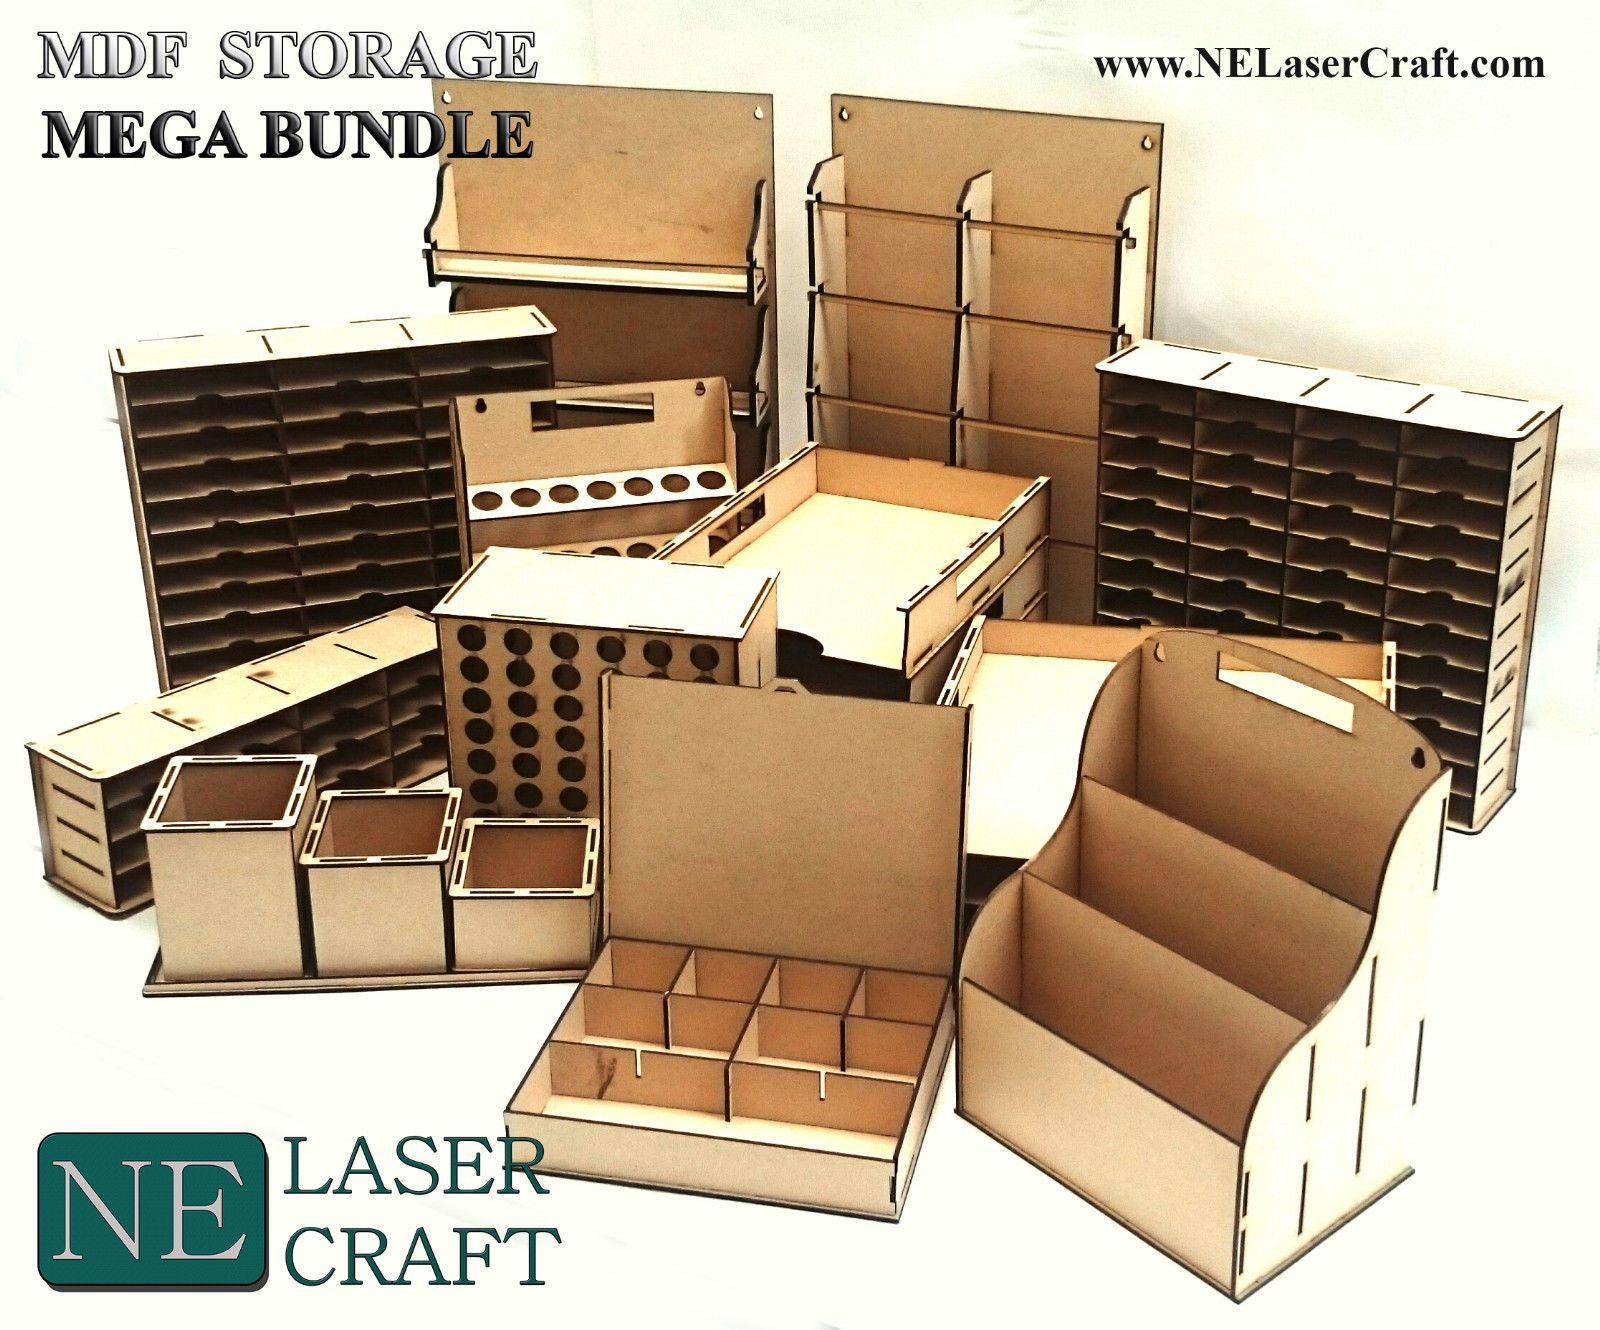 large selection of laser cut storage boxes stefano lasershop pinterest laserschneiden. Black Bedroom Furniture Sets. Home Design Ideas